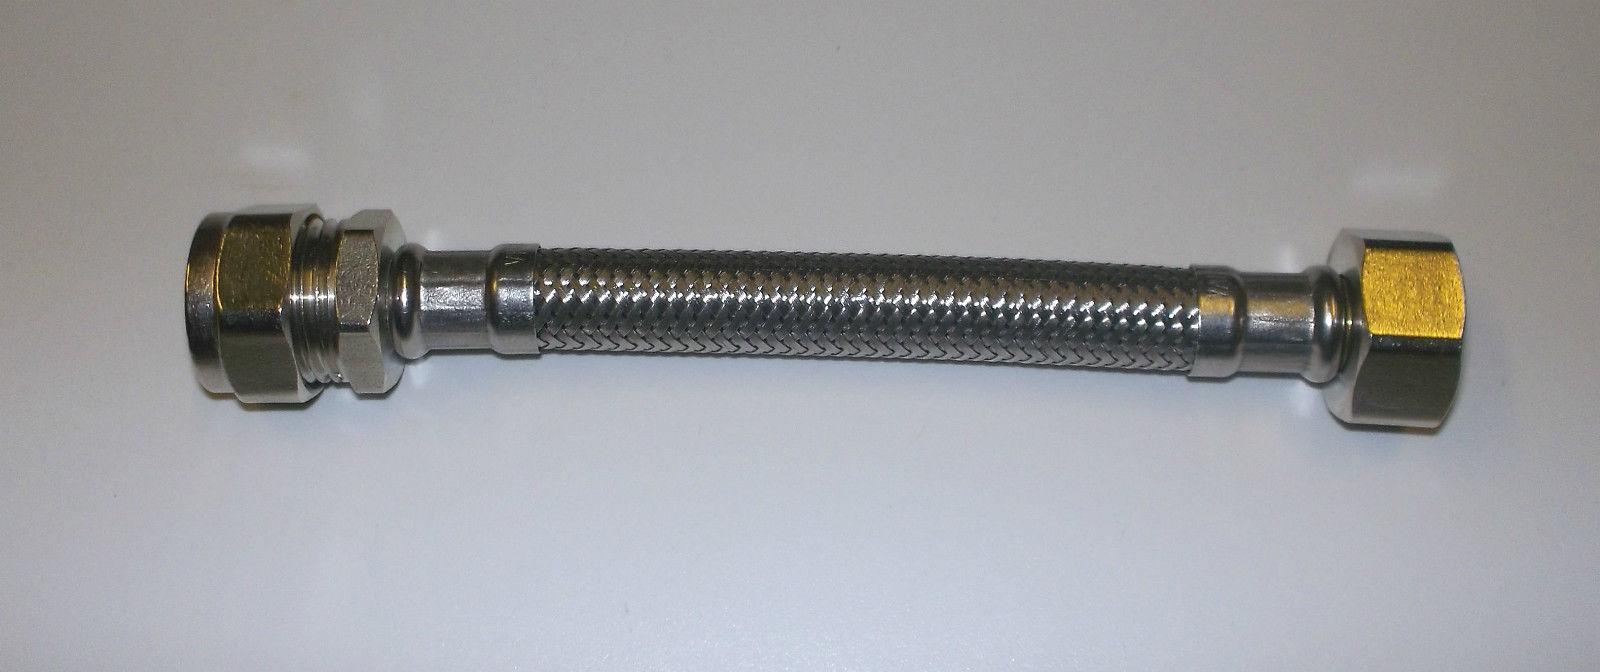 Buy Flexible Tap Connector 15mm X 1 2 Quot Bsp 150mm 900mm